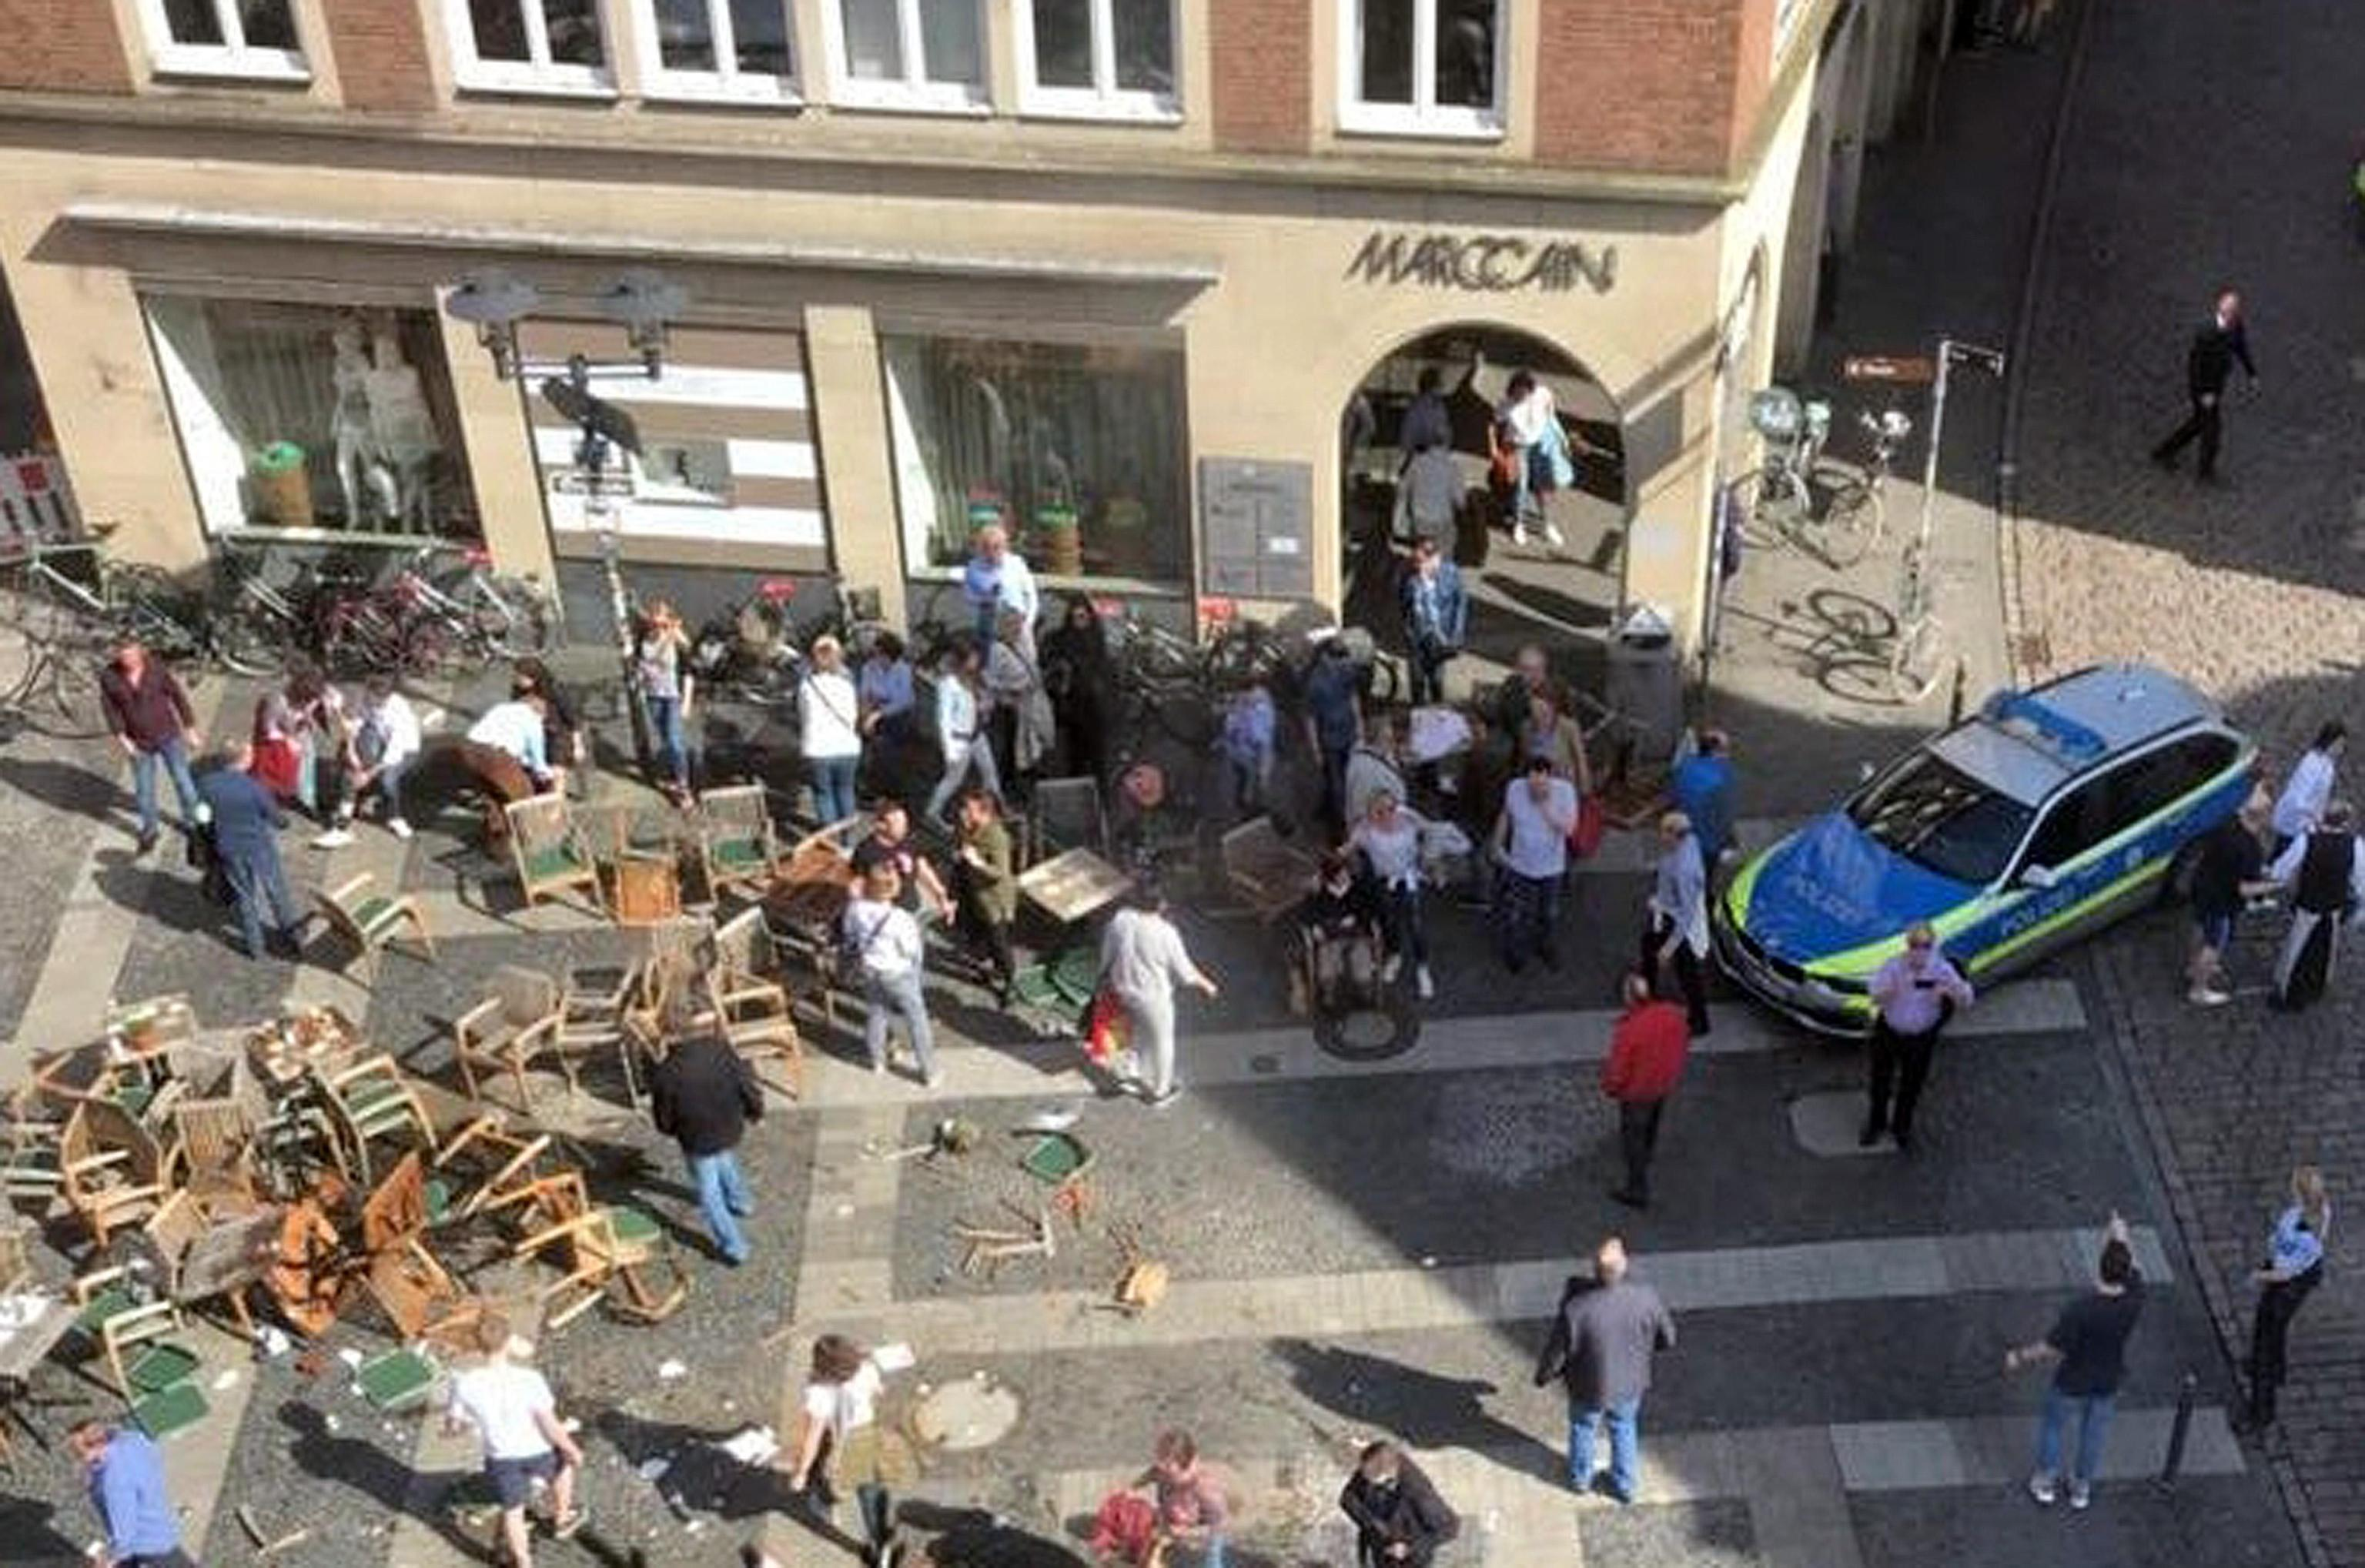 Attentato in Germania, furgone sulla folla a Münster: almeno 3 morti, suicida l'attentatore